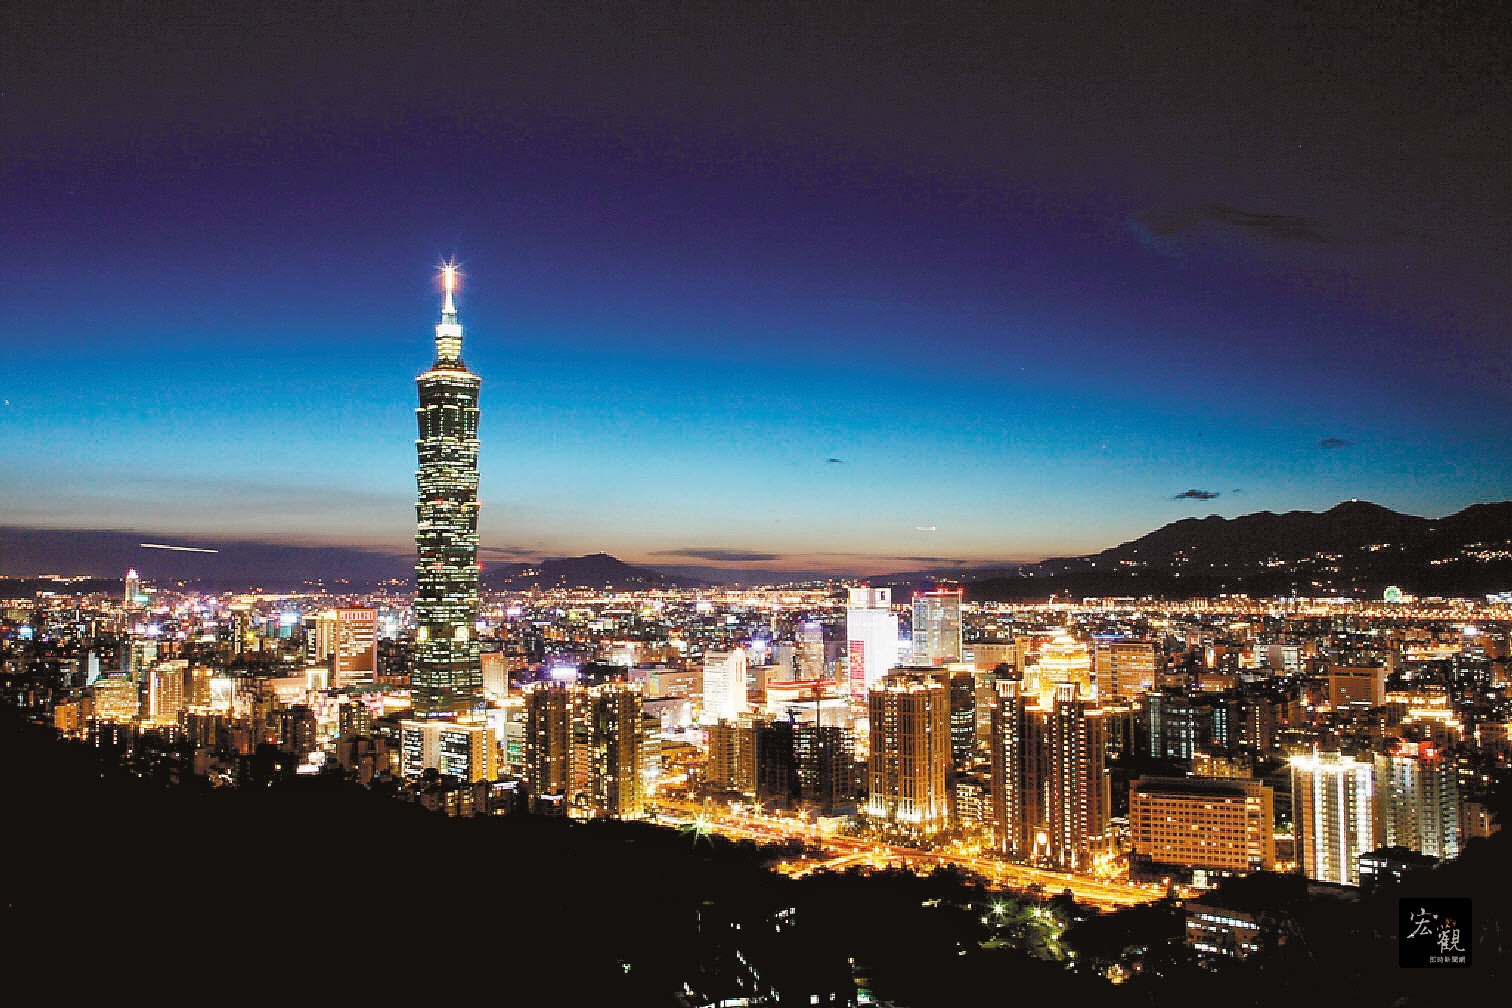 taiwan taipei brief city guide essay